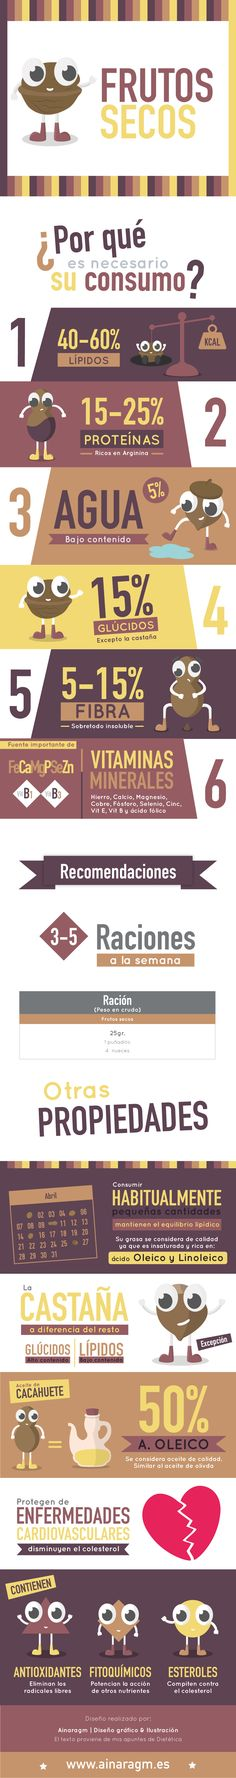 #Infografía sobre los beneficios de los #FrutosSecos @@@@.....http://es.pinterest.com/saludnutricionY/nutrici%C3%B3n-h%C3%A1bitos-alimenticios/